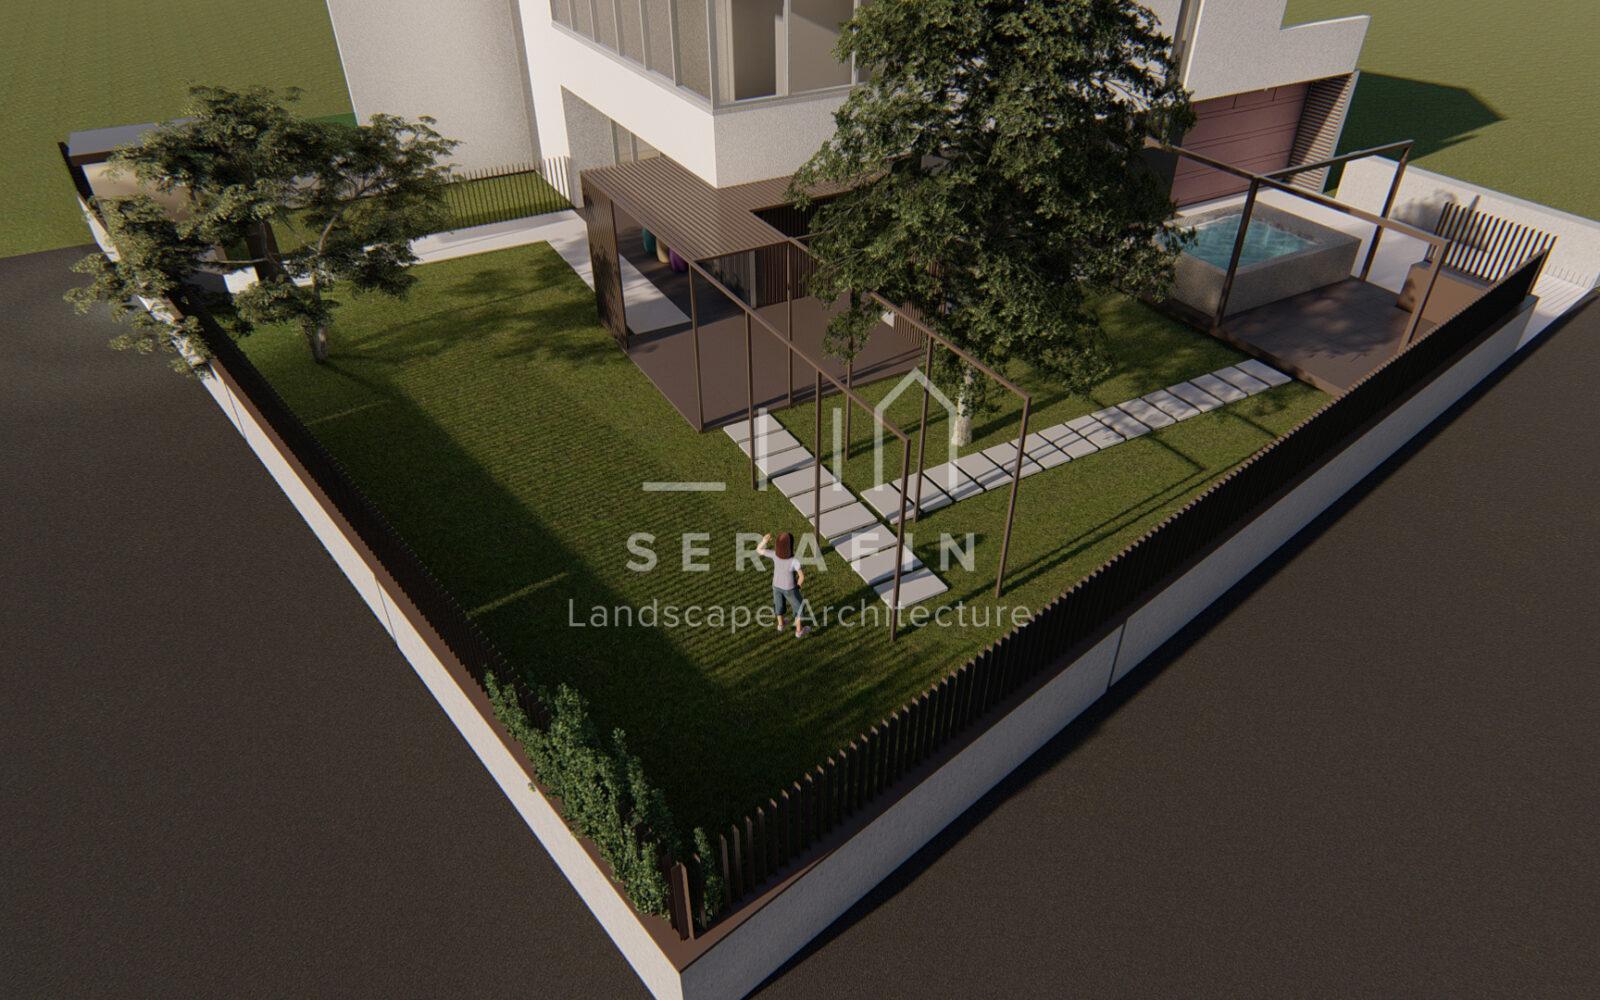 progettazione di un giardino privato a Sacile - 10